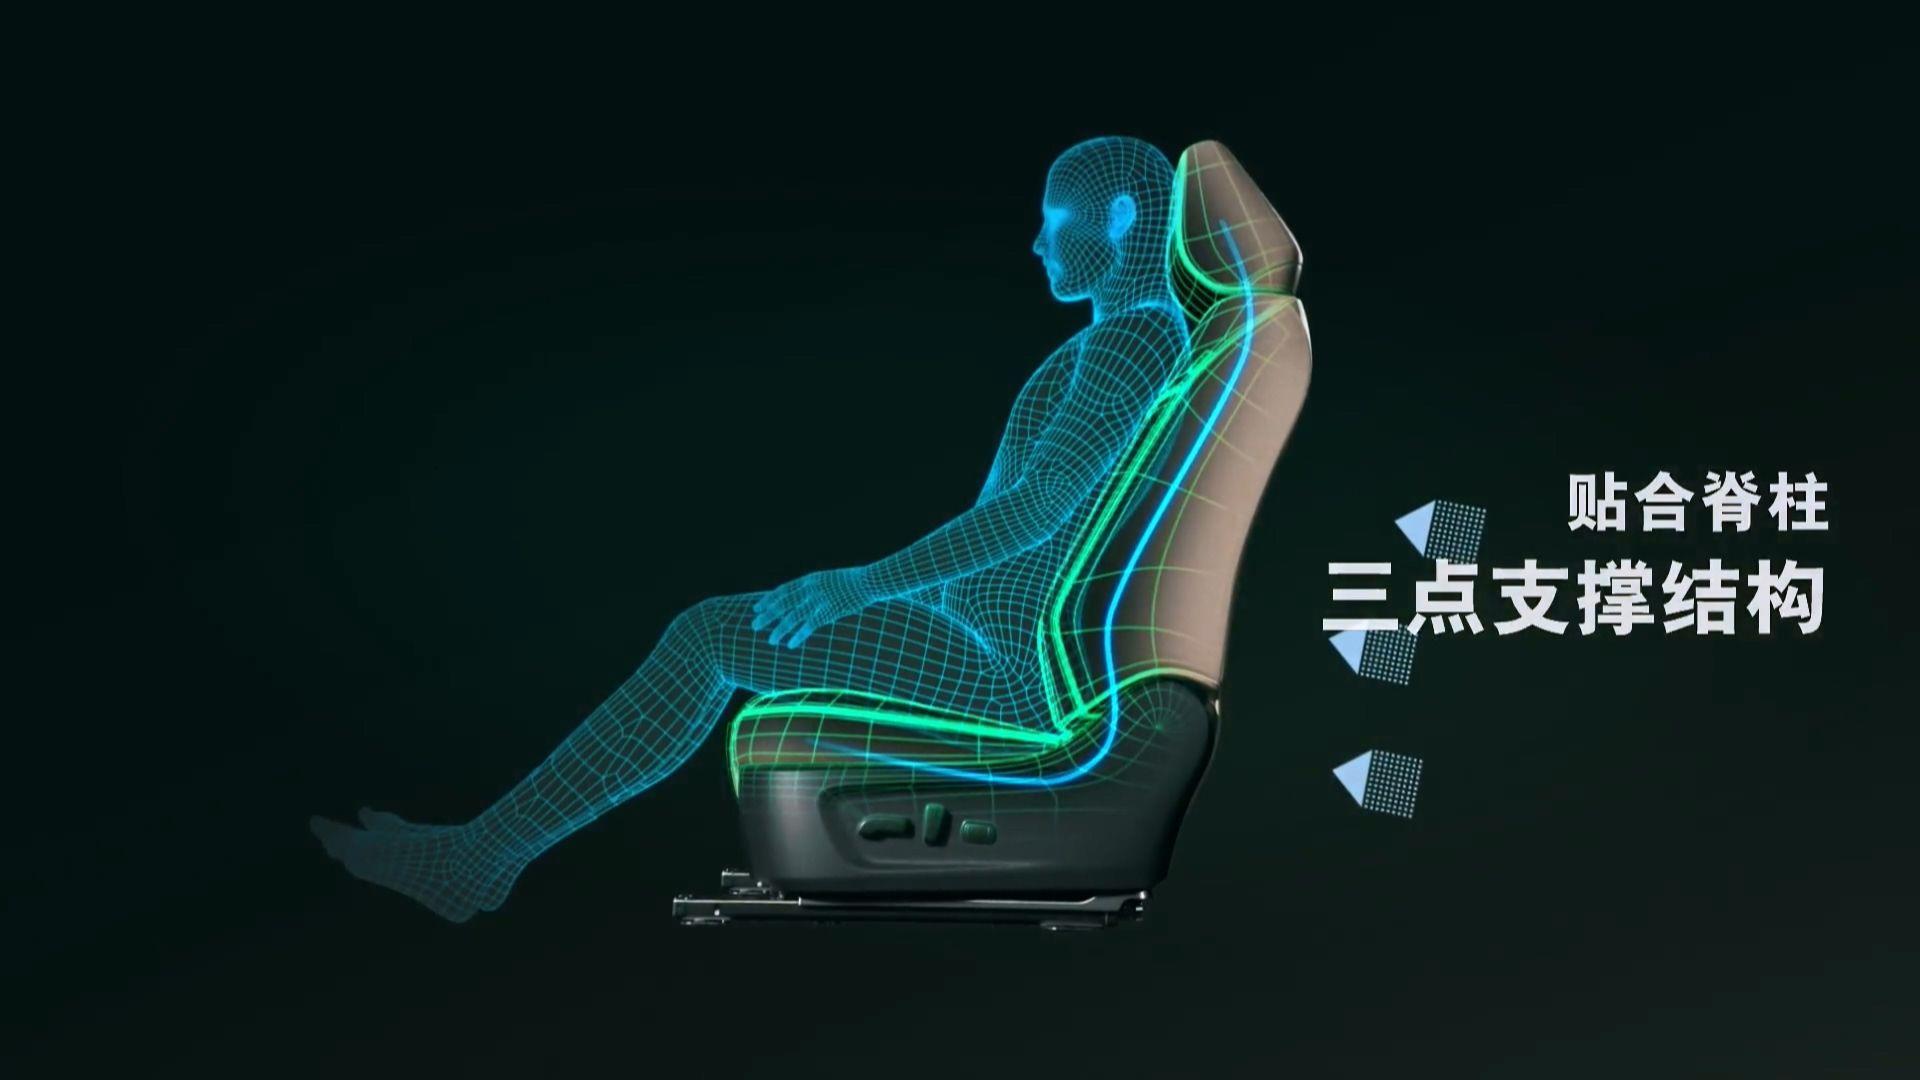 第七代天籁座椅拆解解析 这款座椅能让你坐着忘记何为重力